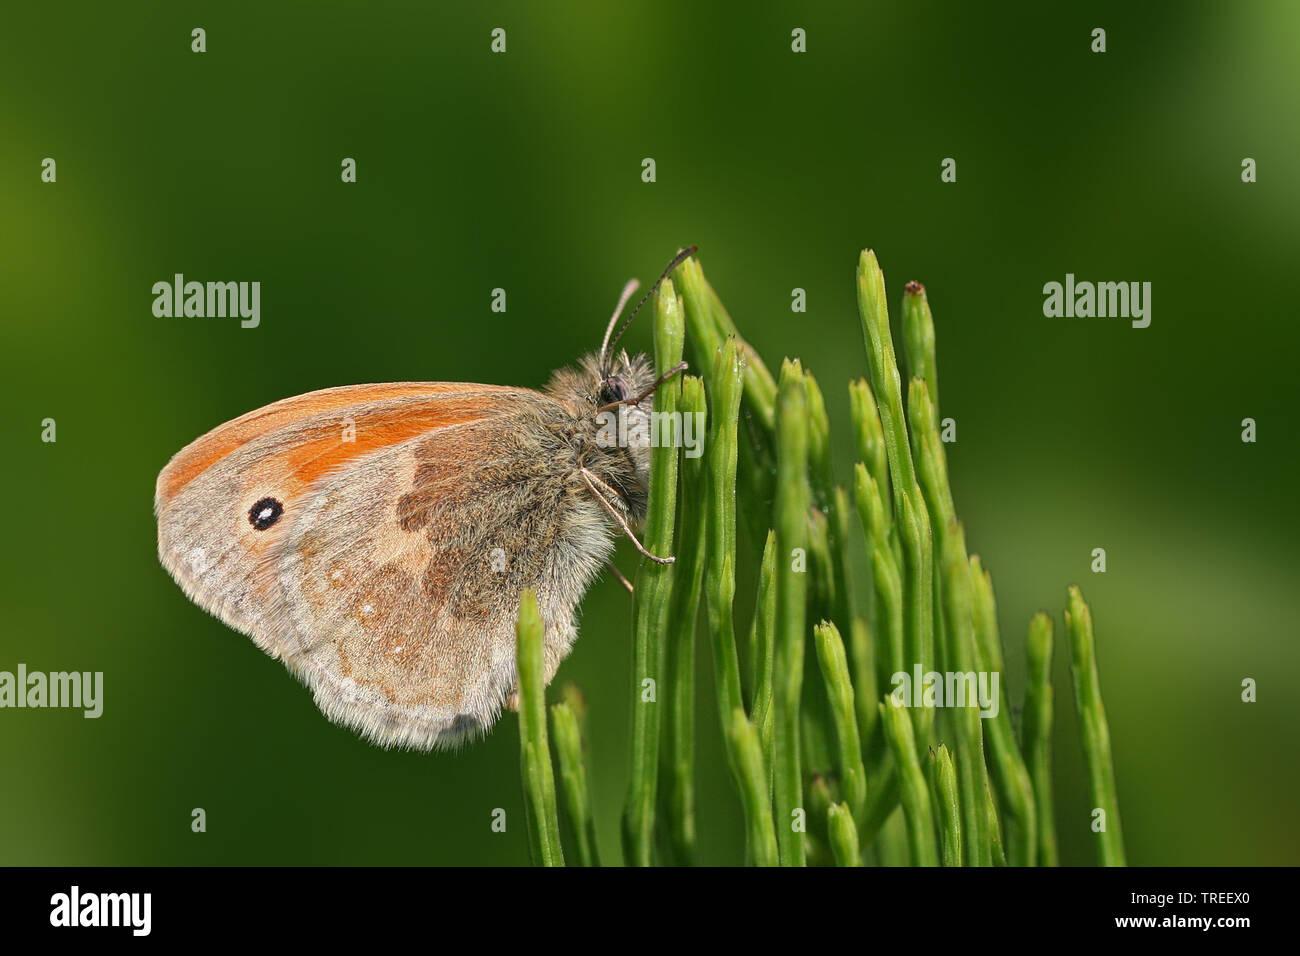 Kleines Wiesenvoegelchen, Wiesen-Voegelchen, Wiesenvoegelchen, Kleiner Heufalter (Coenonympha pamphilus), sitzt an Schachtelhalm, Niederlande | small - Stock Image